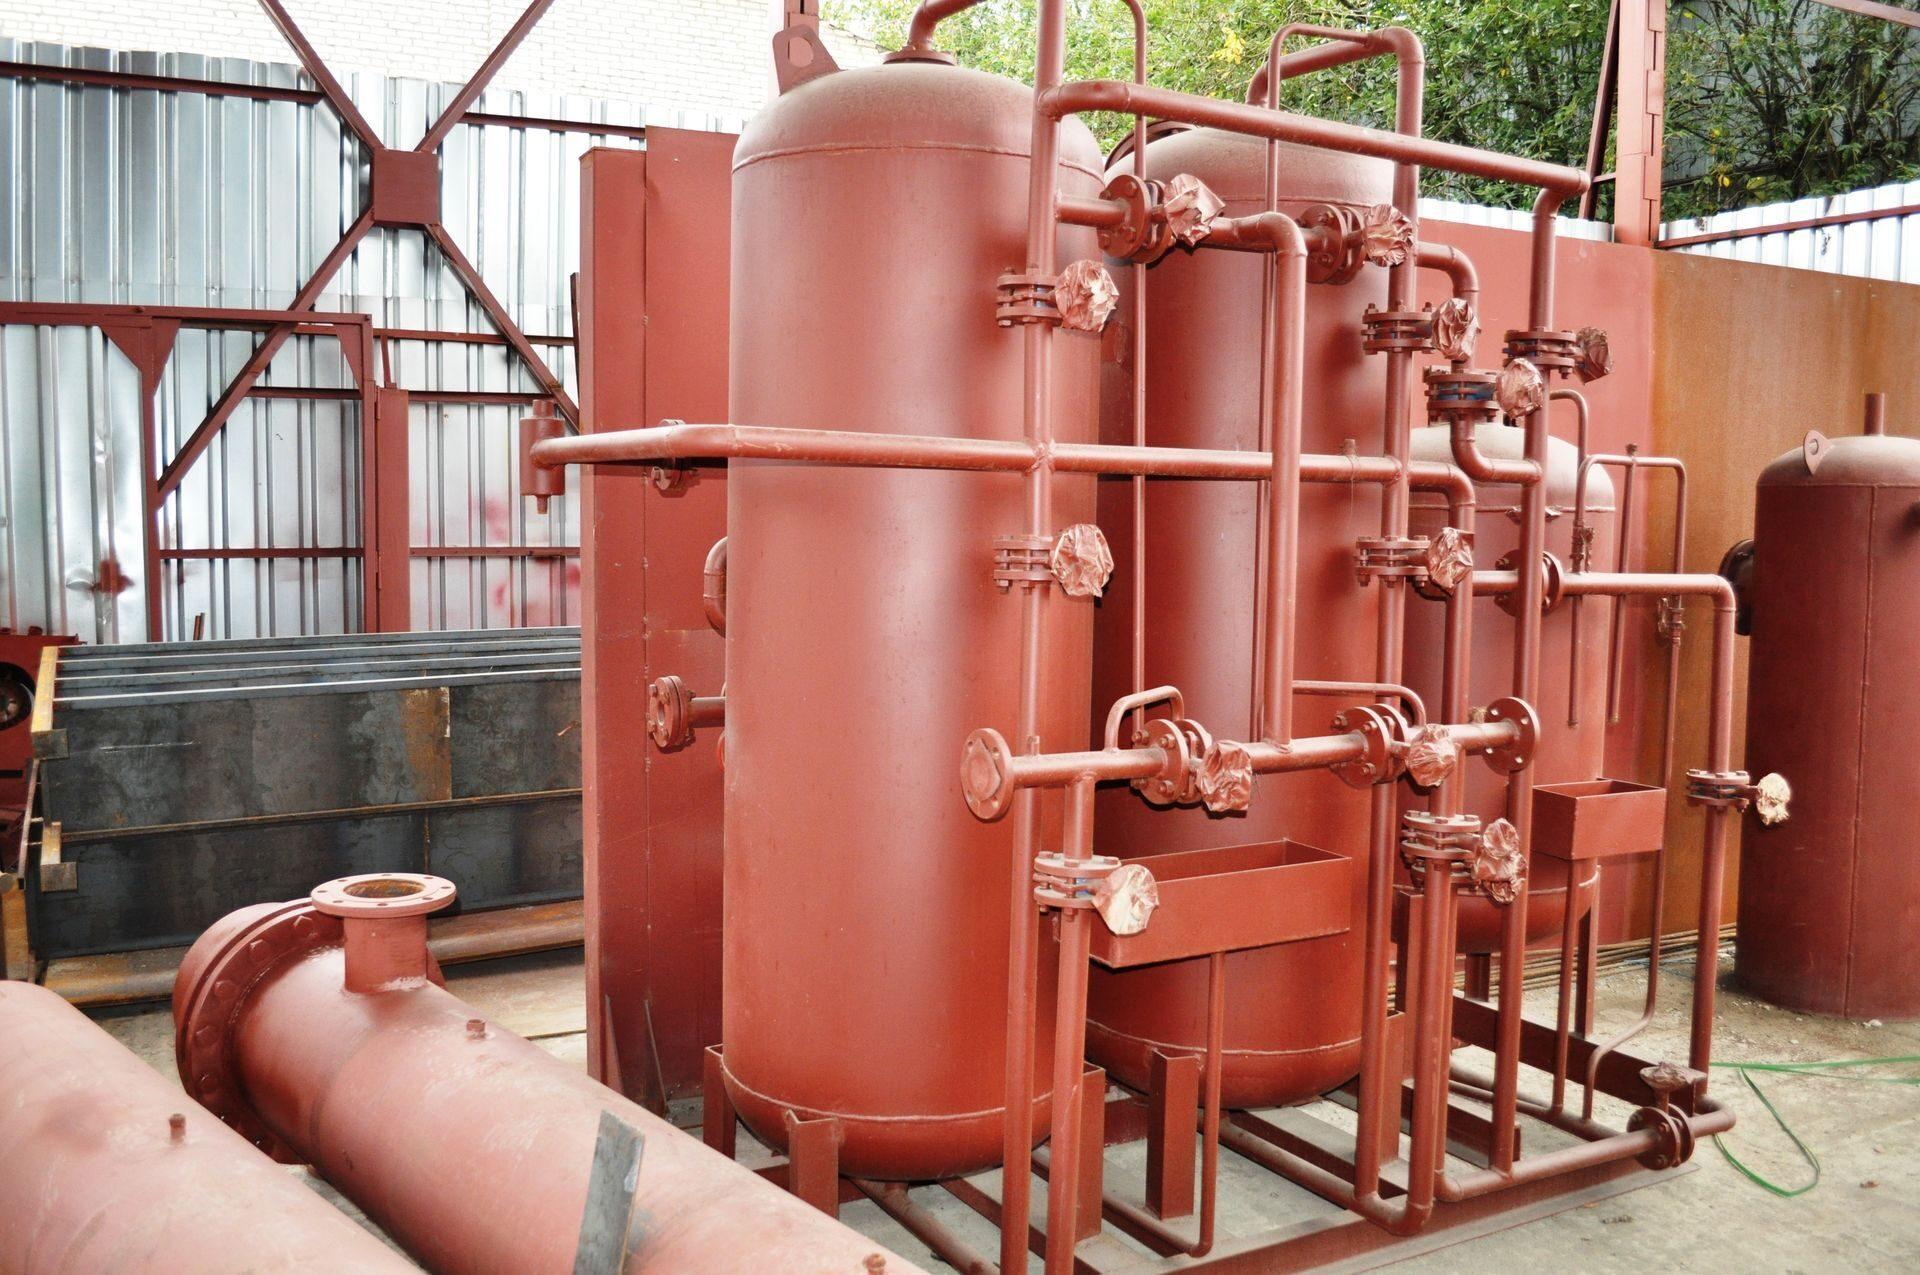 Схема водоподготовительной установки с na-катионитовым фильтром